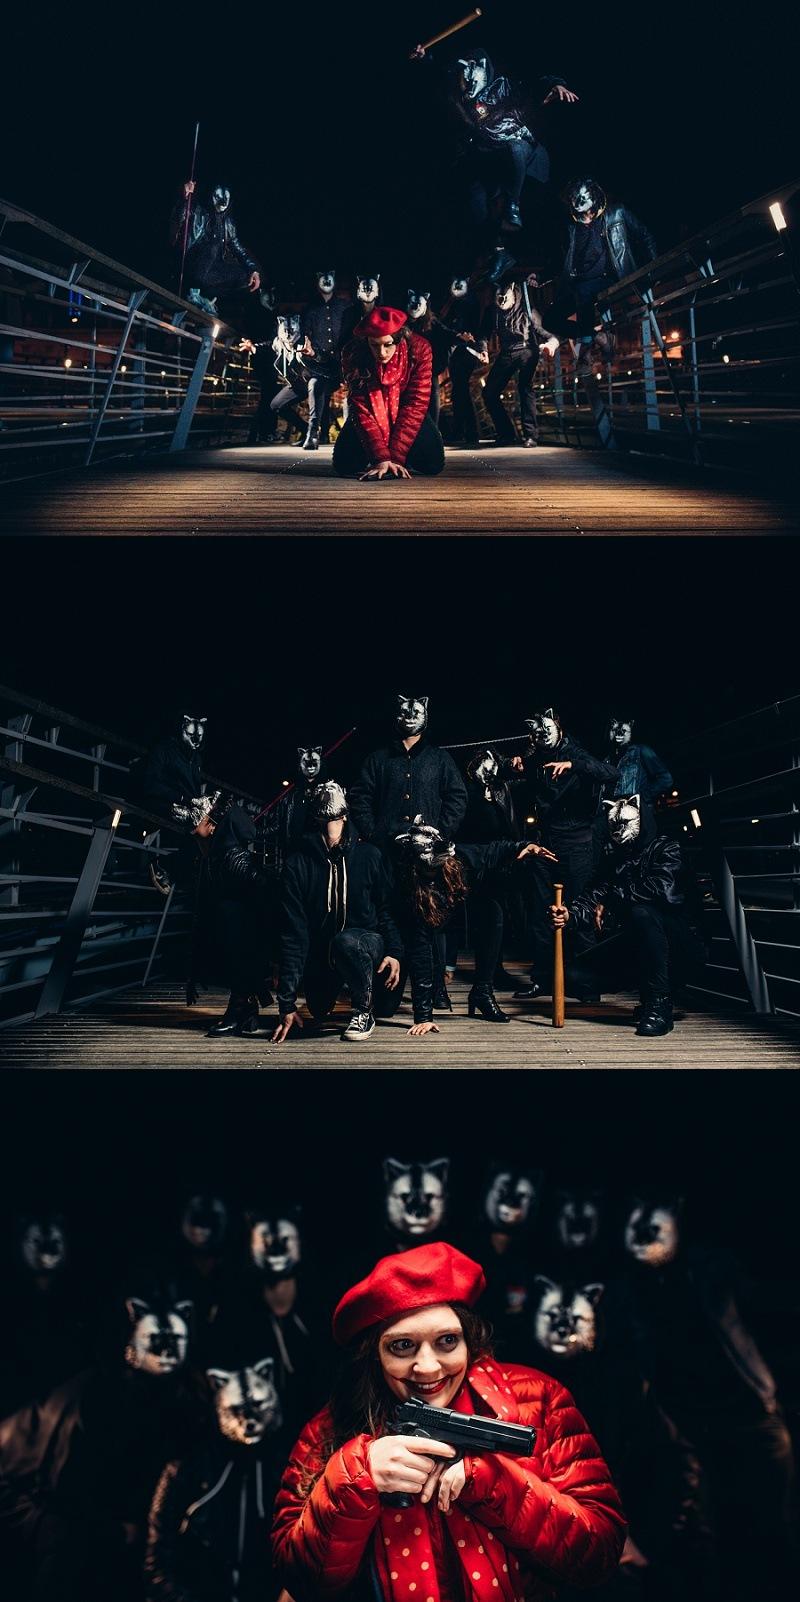 ONTHEMOON PHOTOGRAPHY - Le Petit Chaperon Rouge et les Grands Méchants Loups